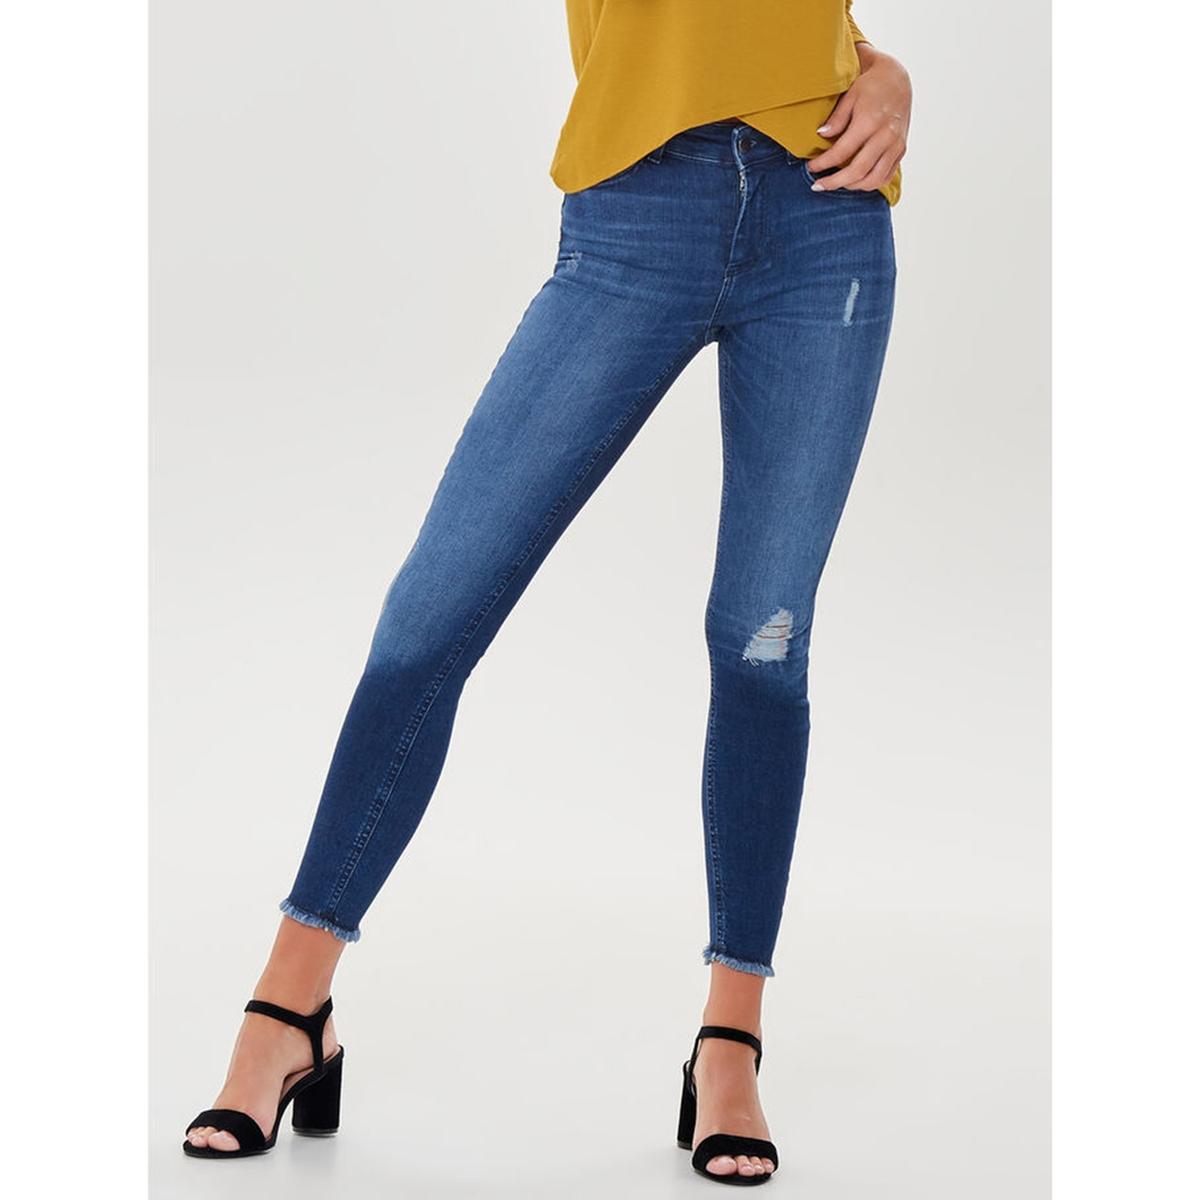 Джинсы скинни с бахромой по низу брючин, длина 30 джинсы скинни длина 32